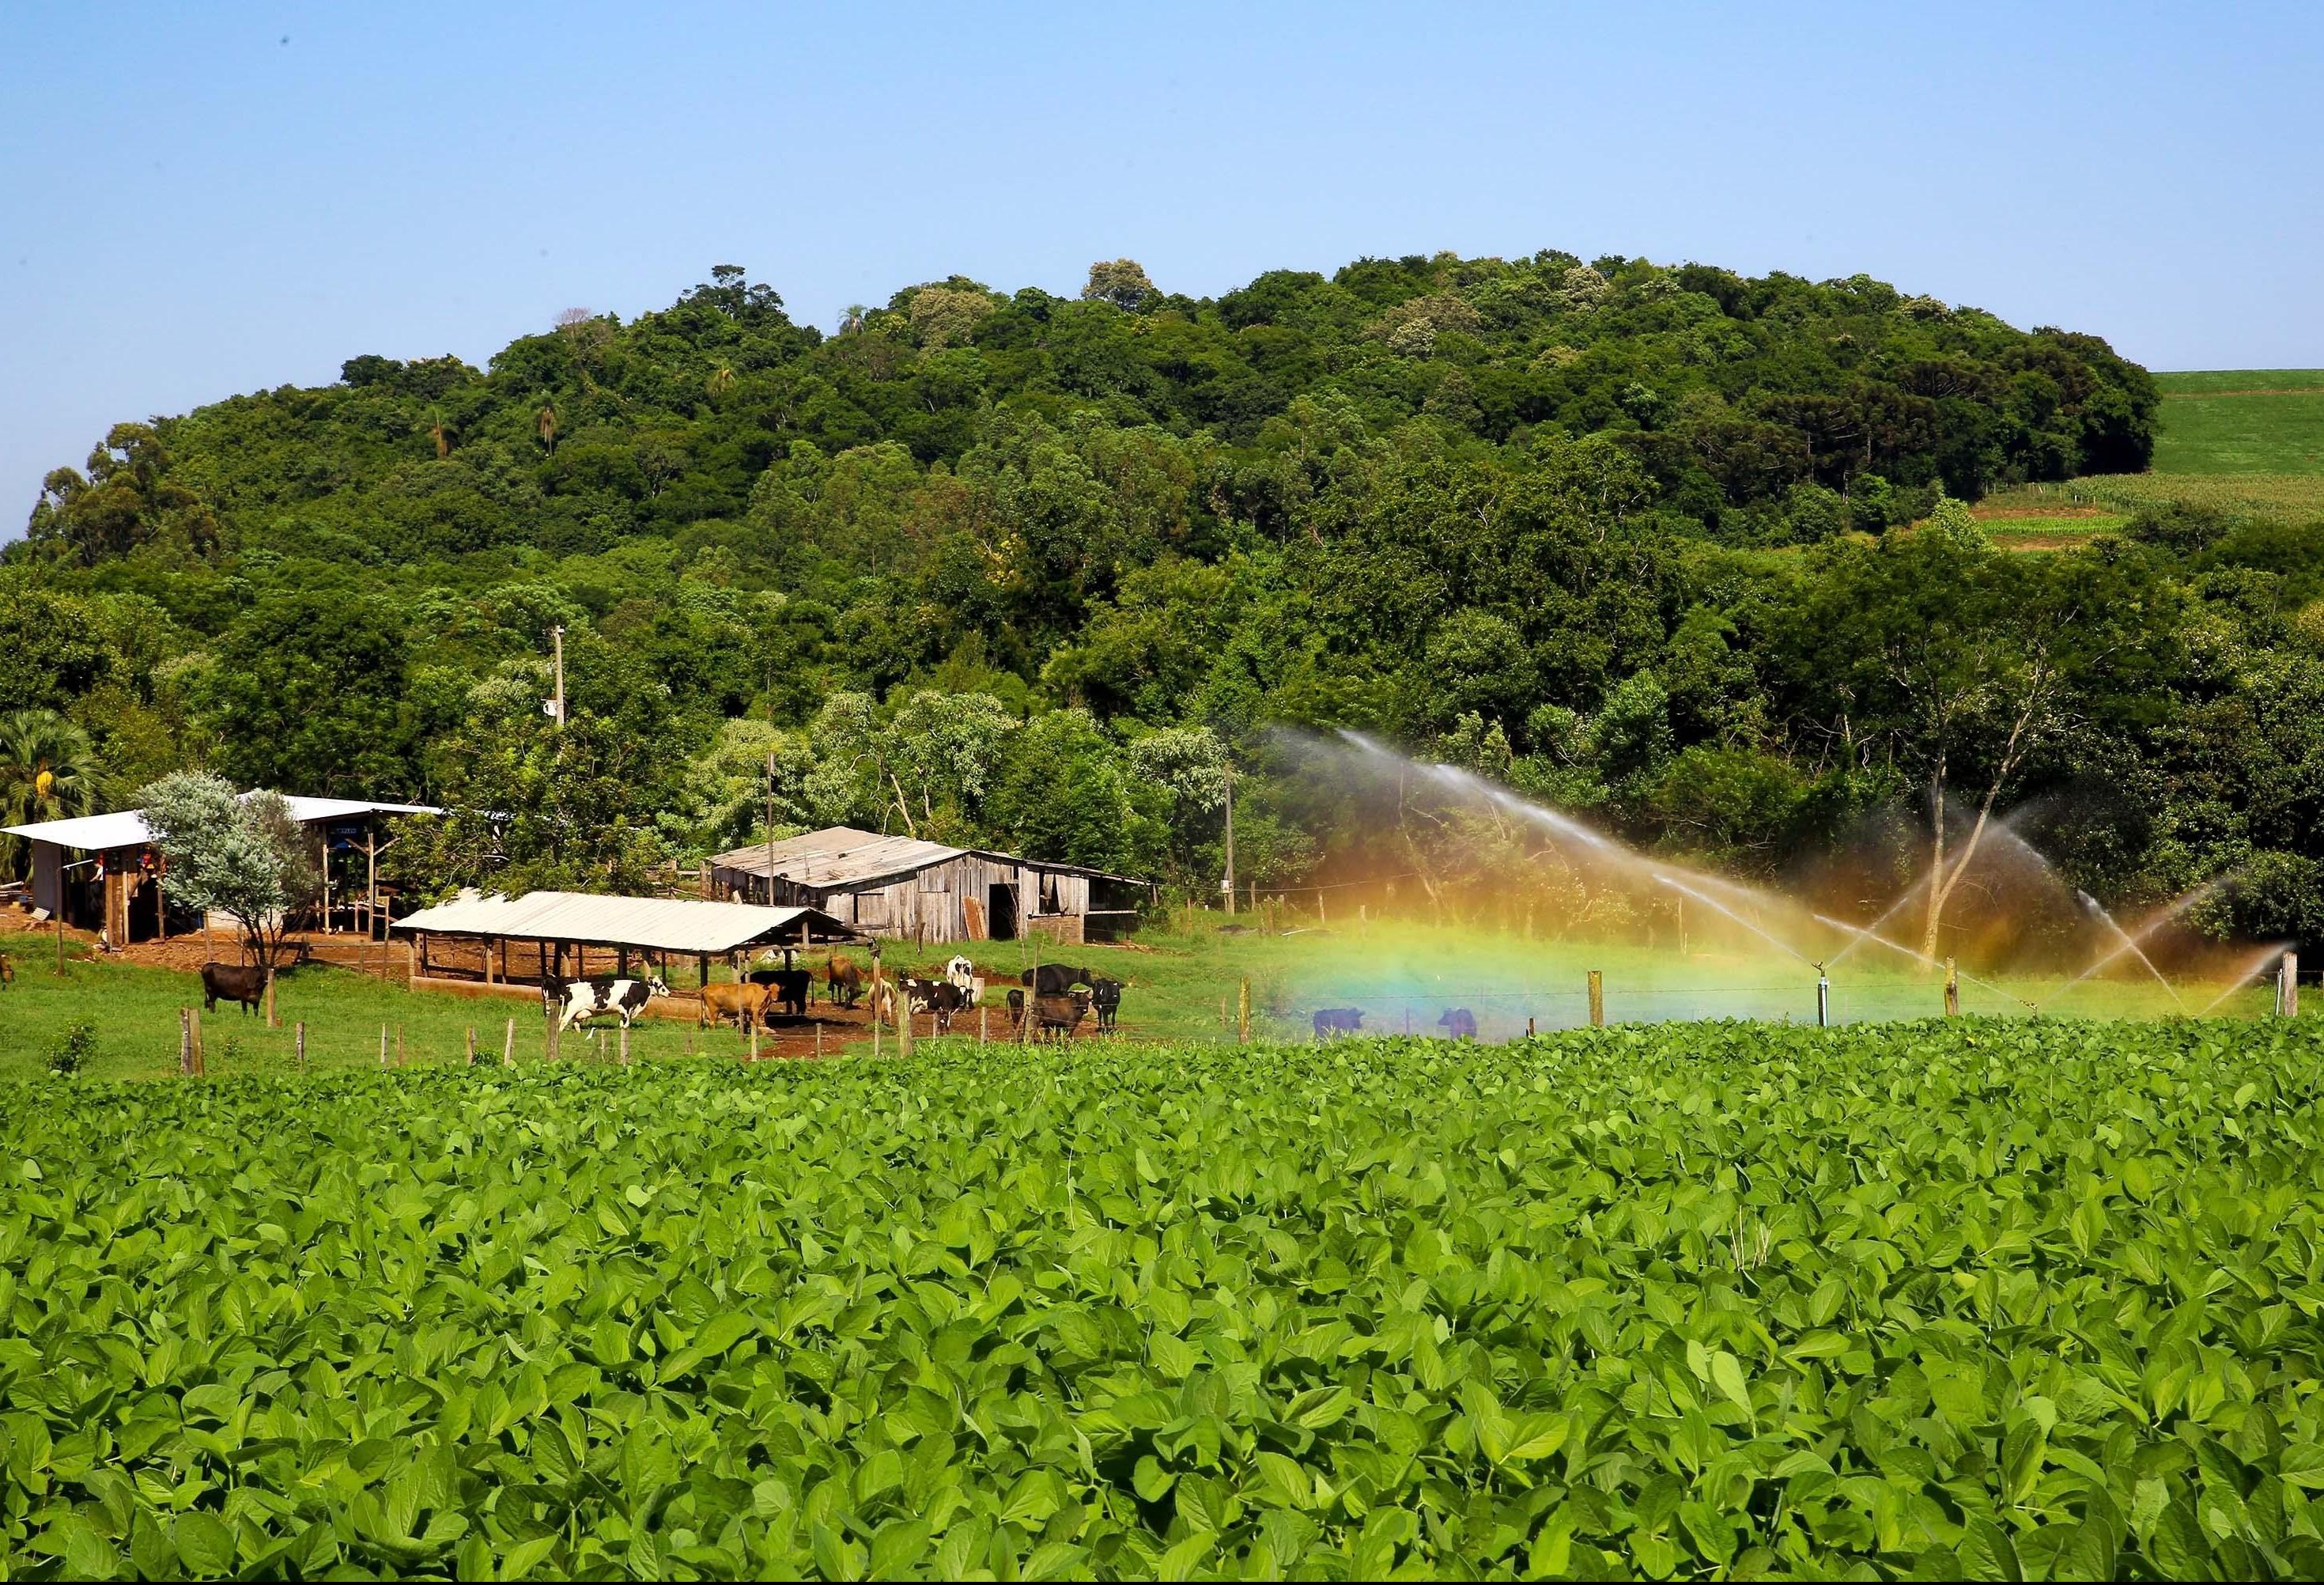 Agricultores paranaenses preservam a natureza além do que exige a lei